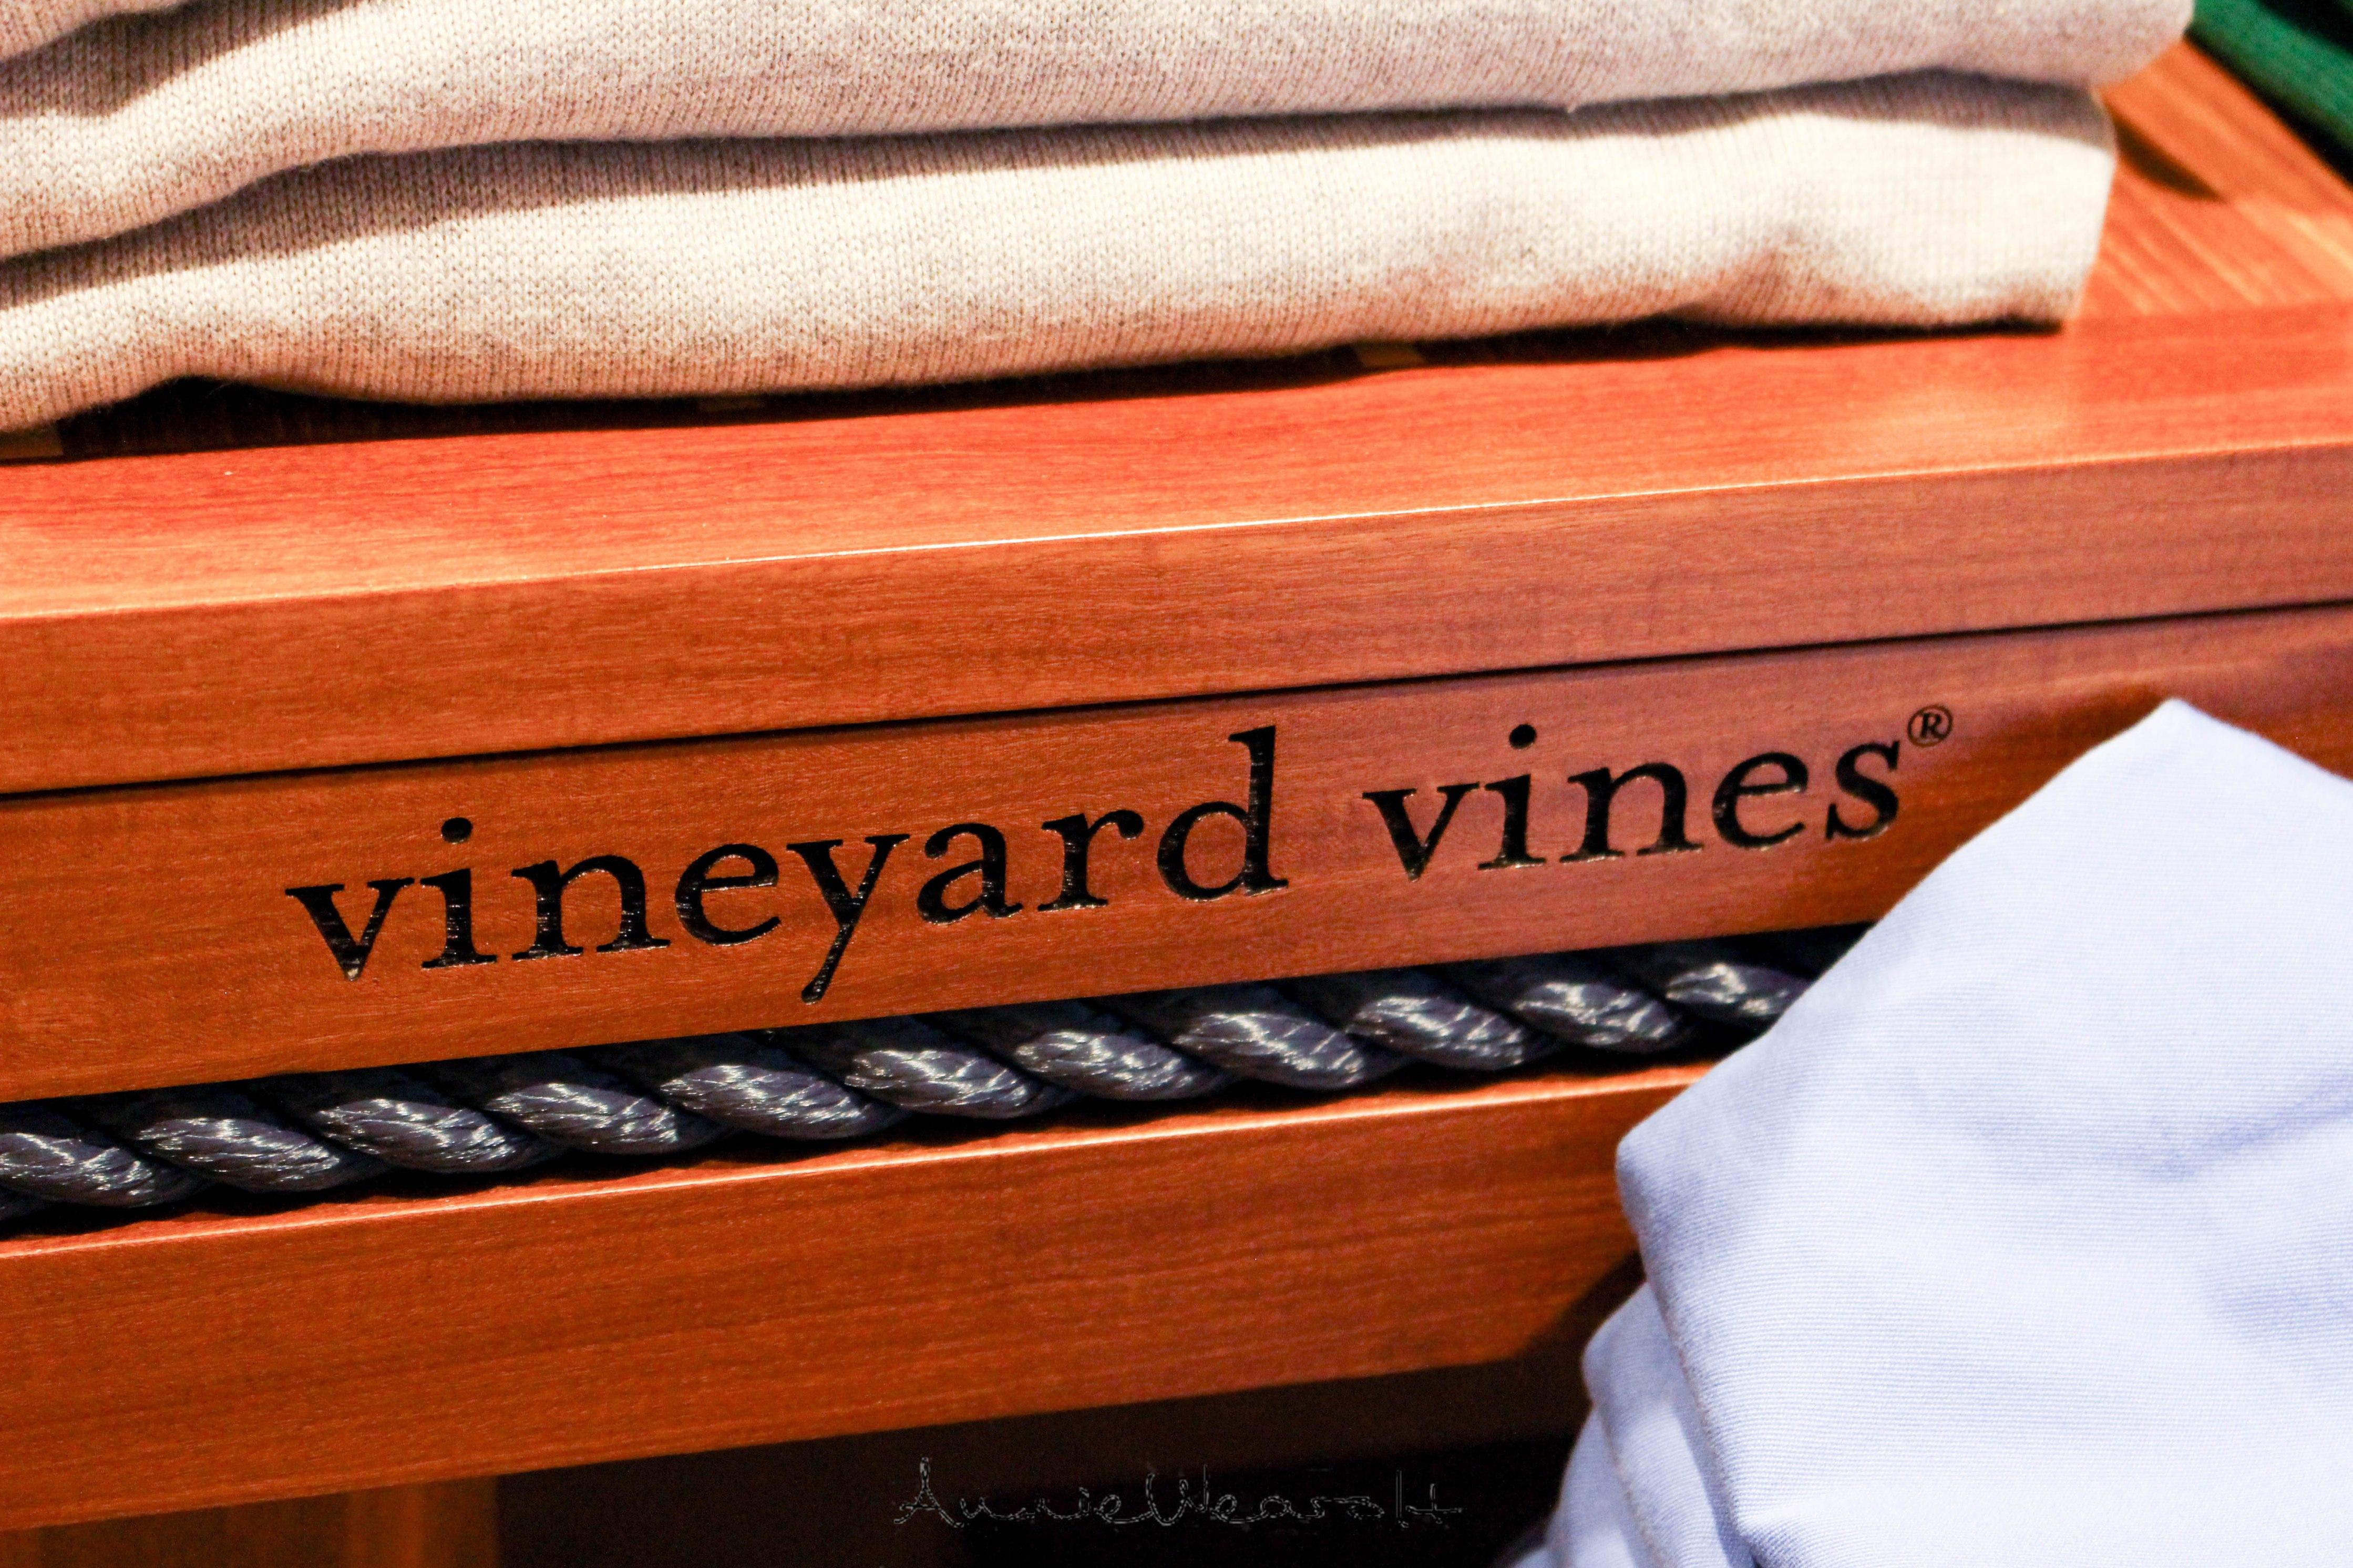 vineyard-vines-mug-2